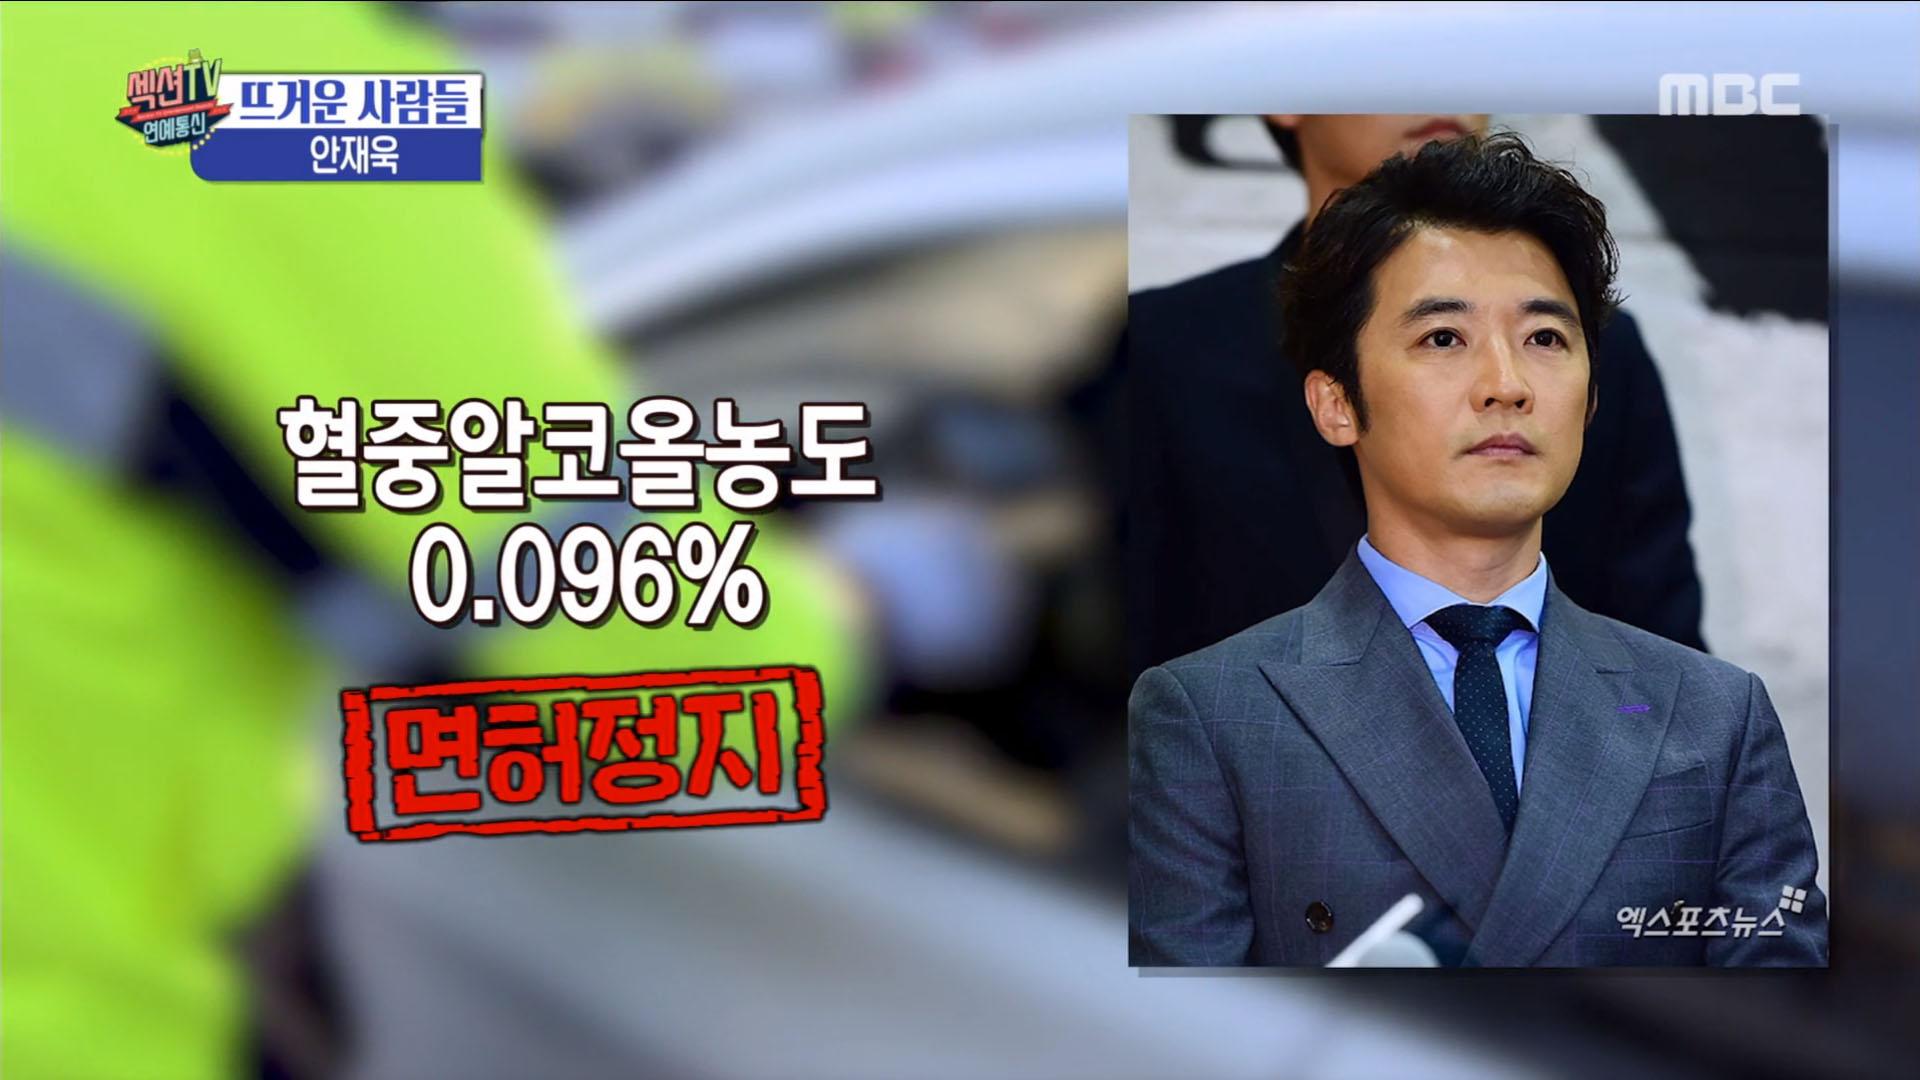 '섹션TV 연예통신' 손승원 이후 연이은 음주운전! 안재욱, 김병옥까지